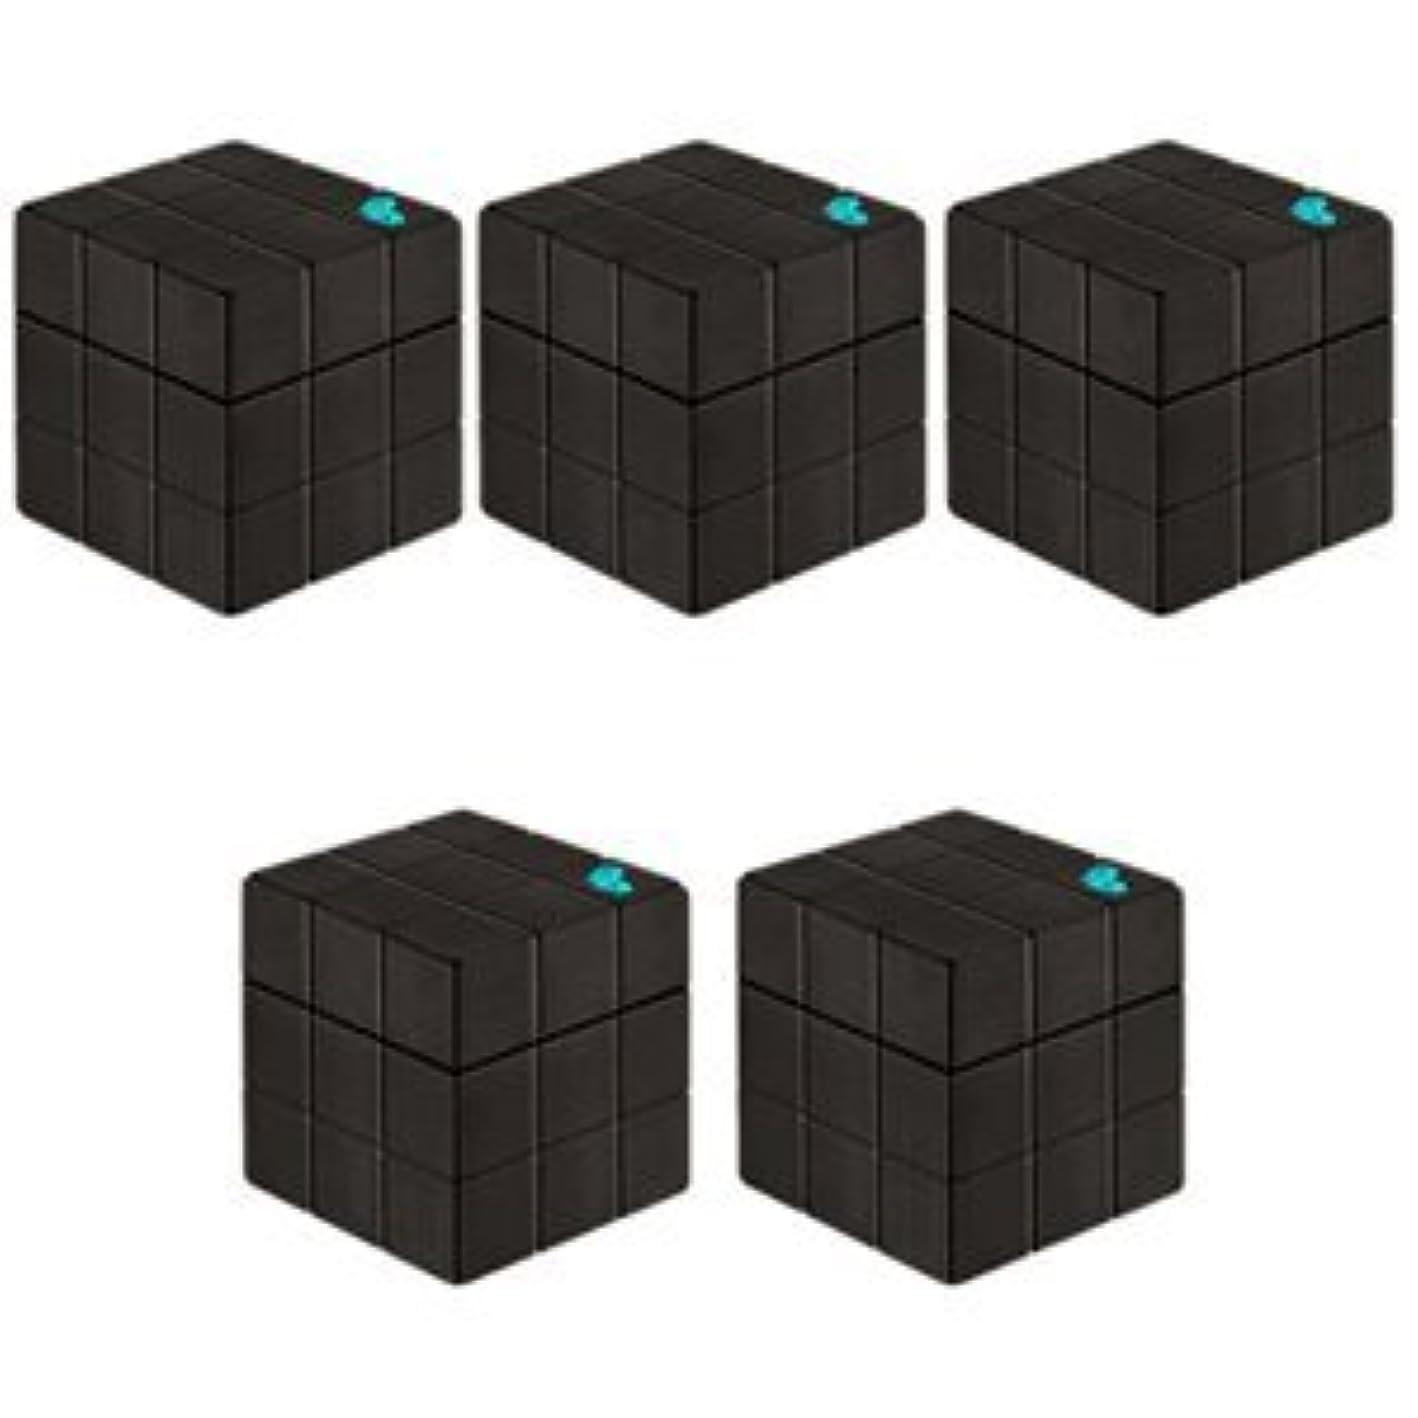 寄付する出版禁止する【X5個セット】 アリミノ ピース プロデザインシリーズ フリーズキープワックス ブラック 80g ARIMINO